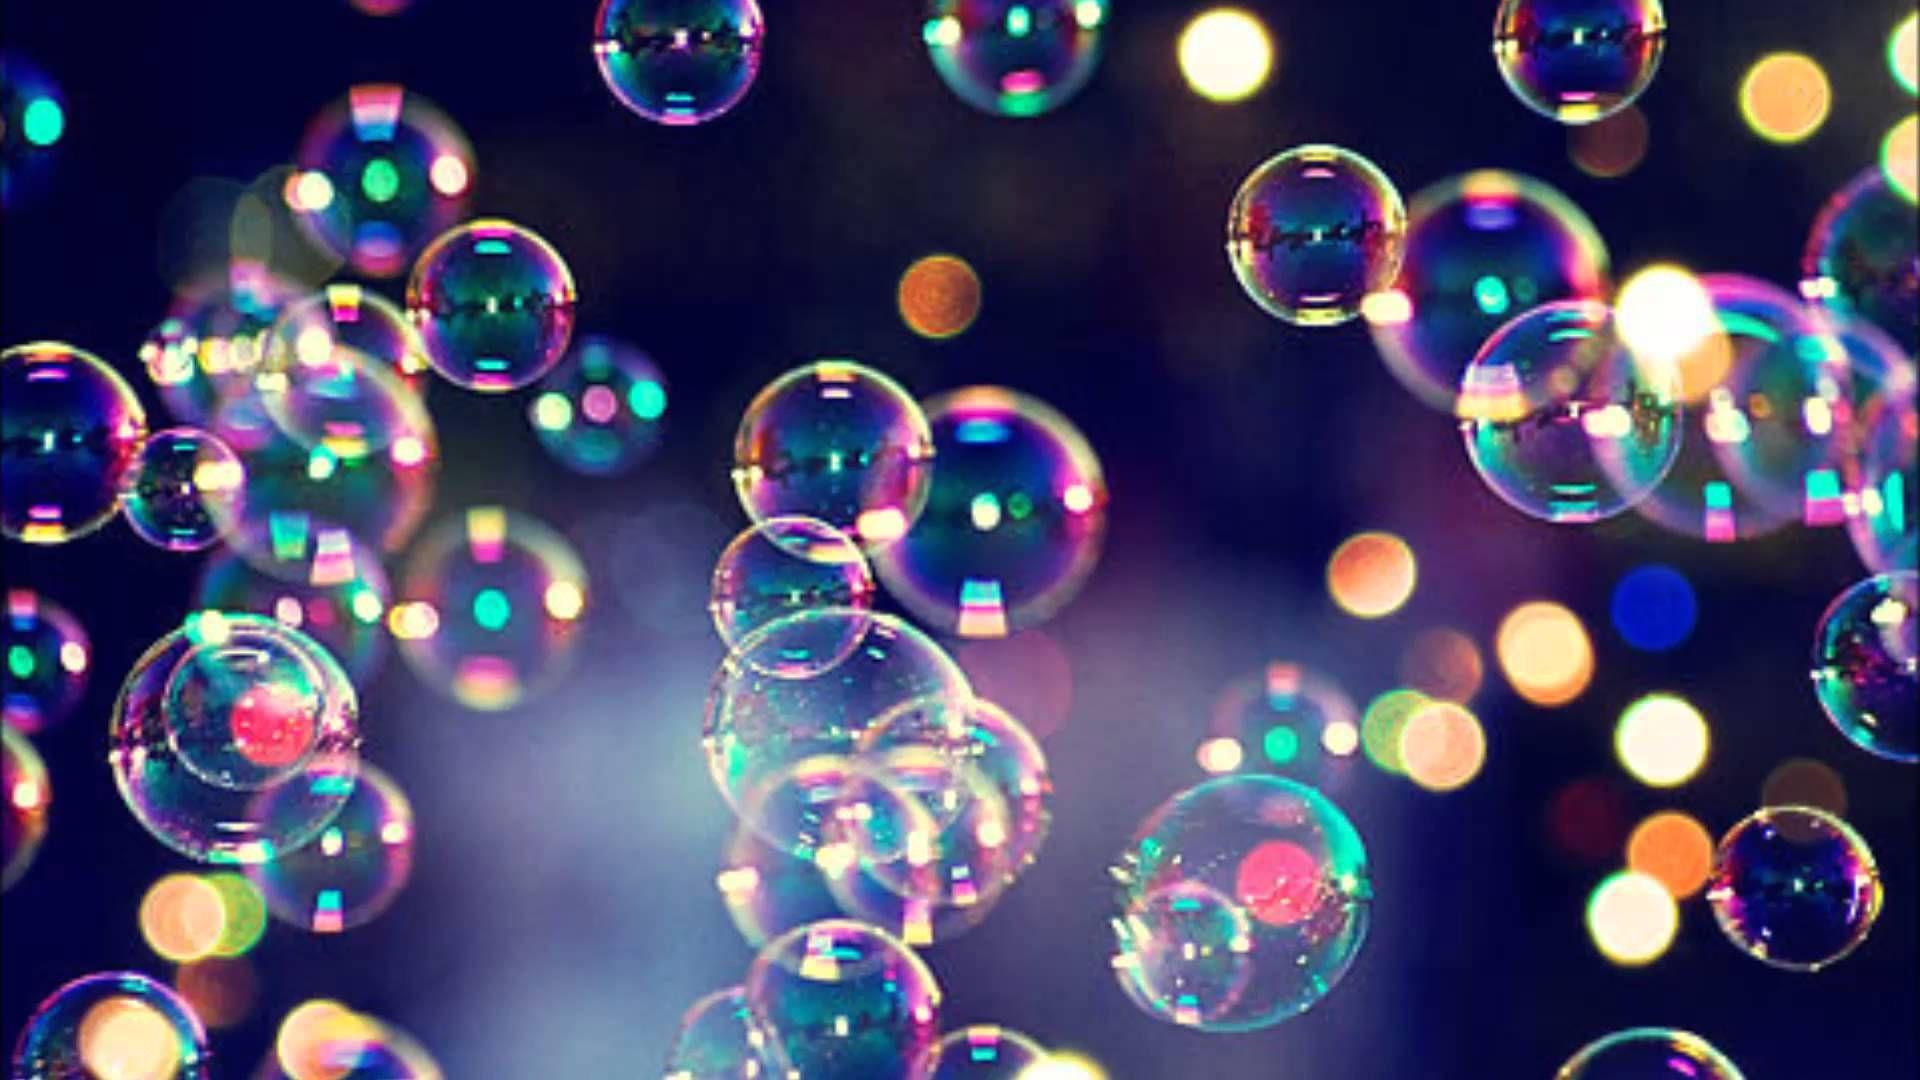 найти красивые картинки мыльных пузырей что